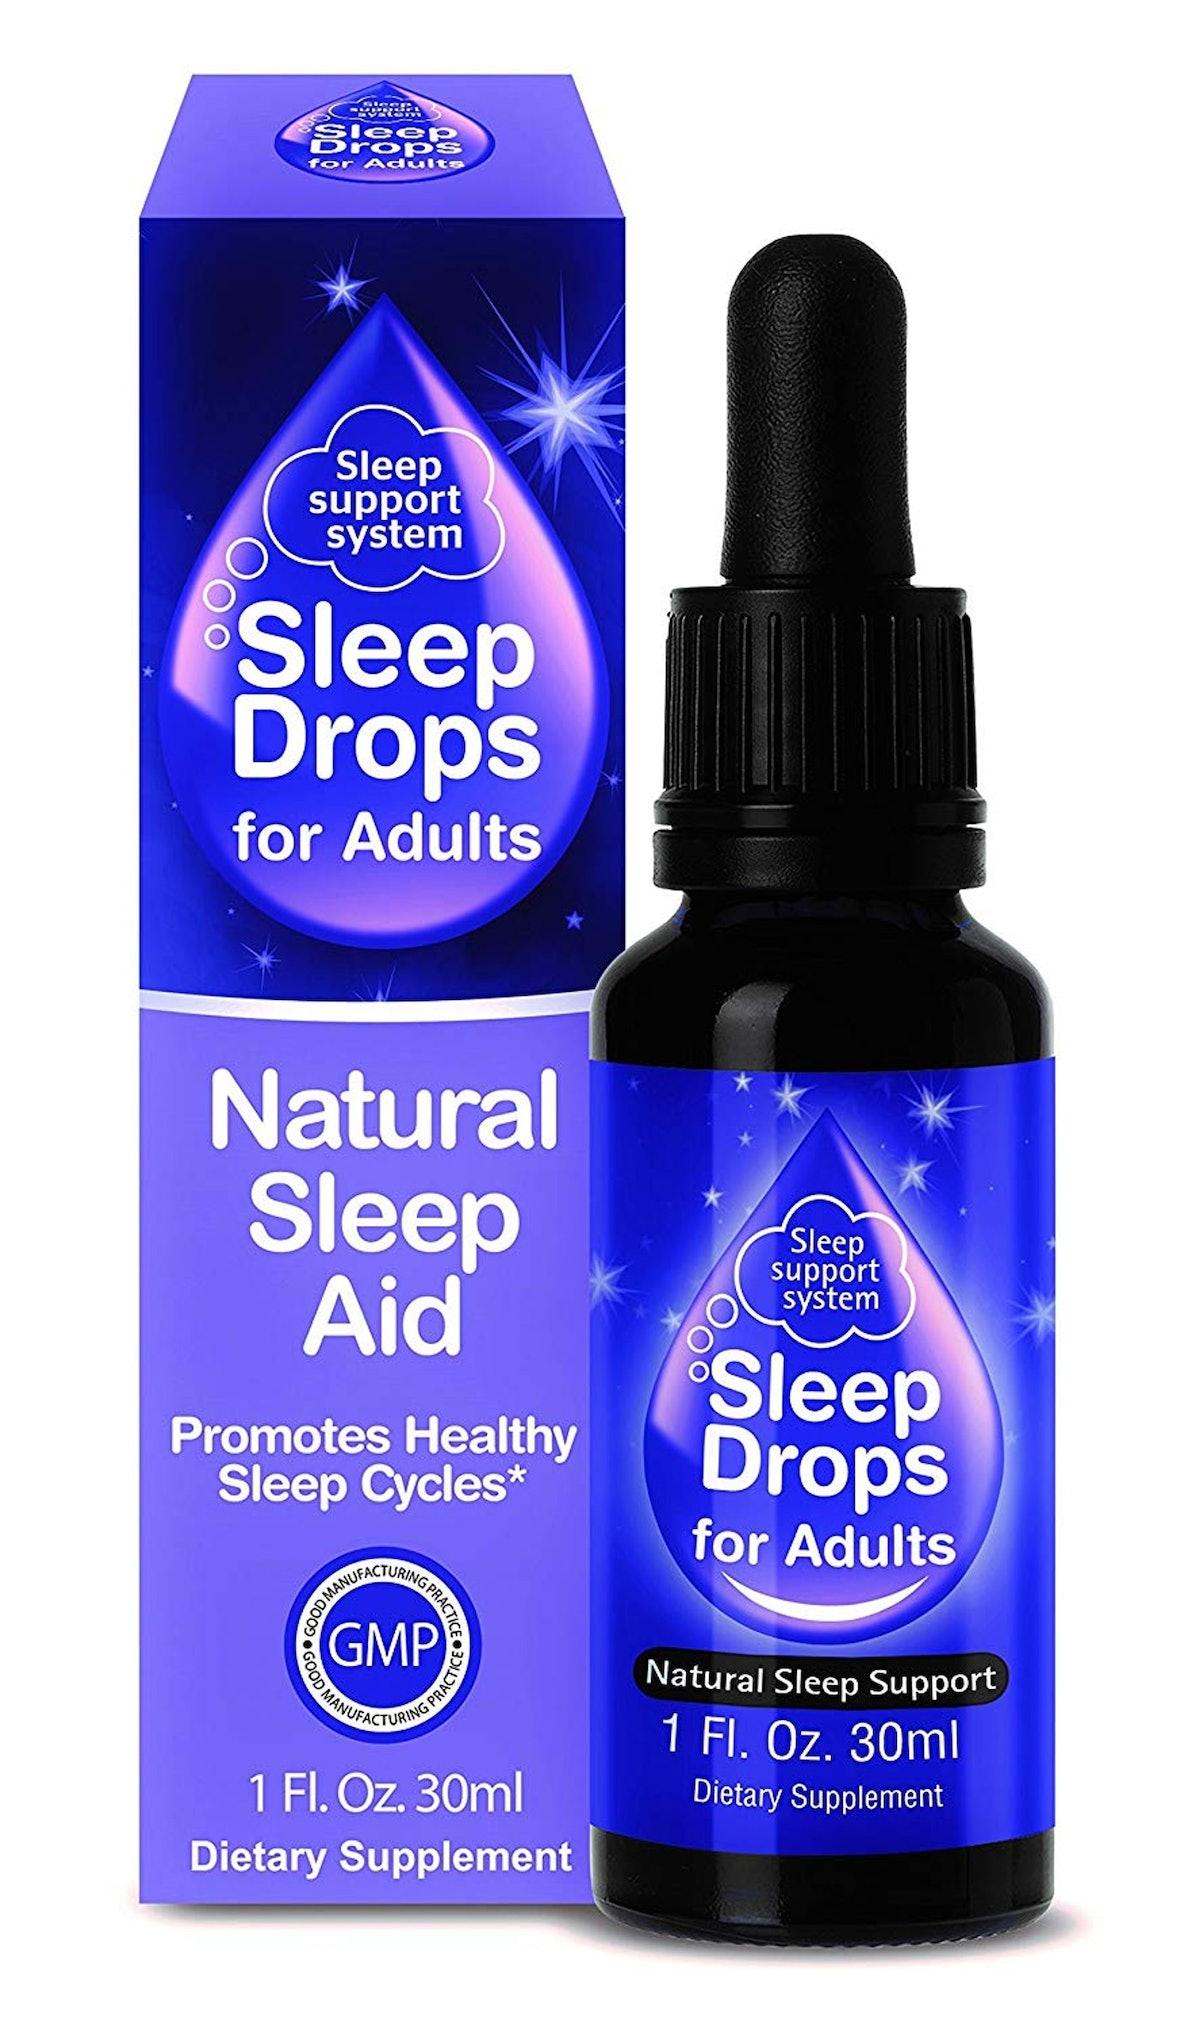 SleepDrops Herbal Sleep Aid